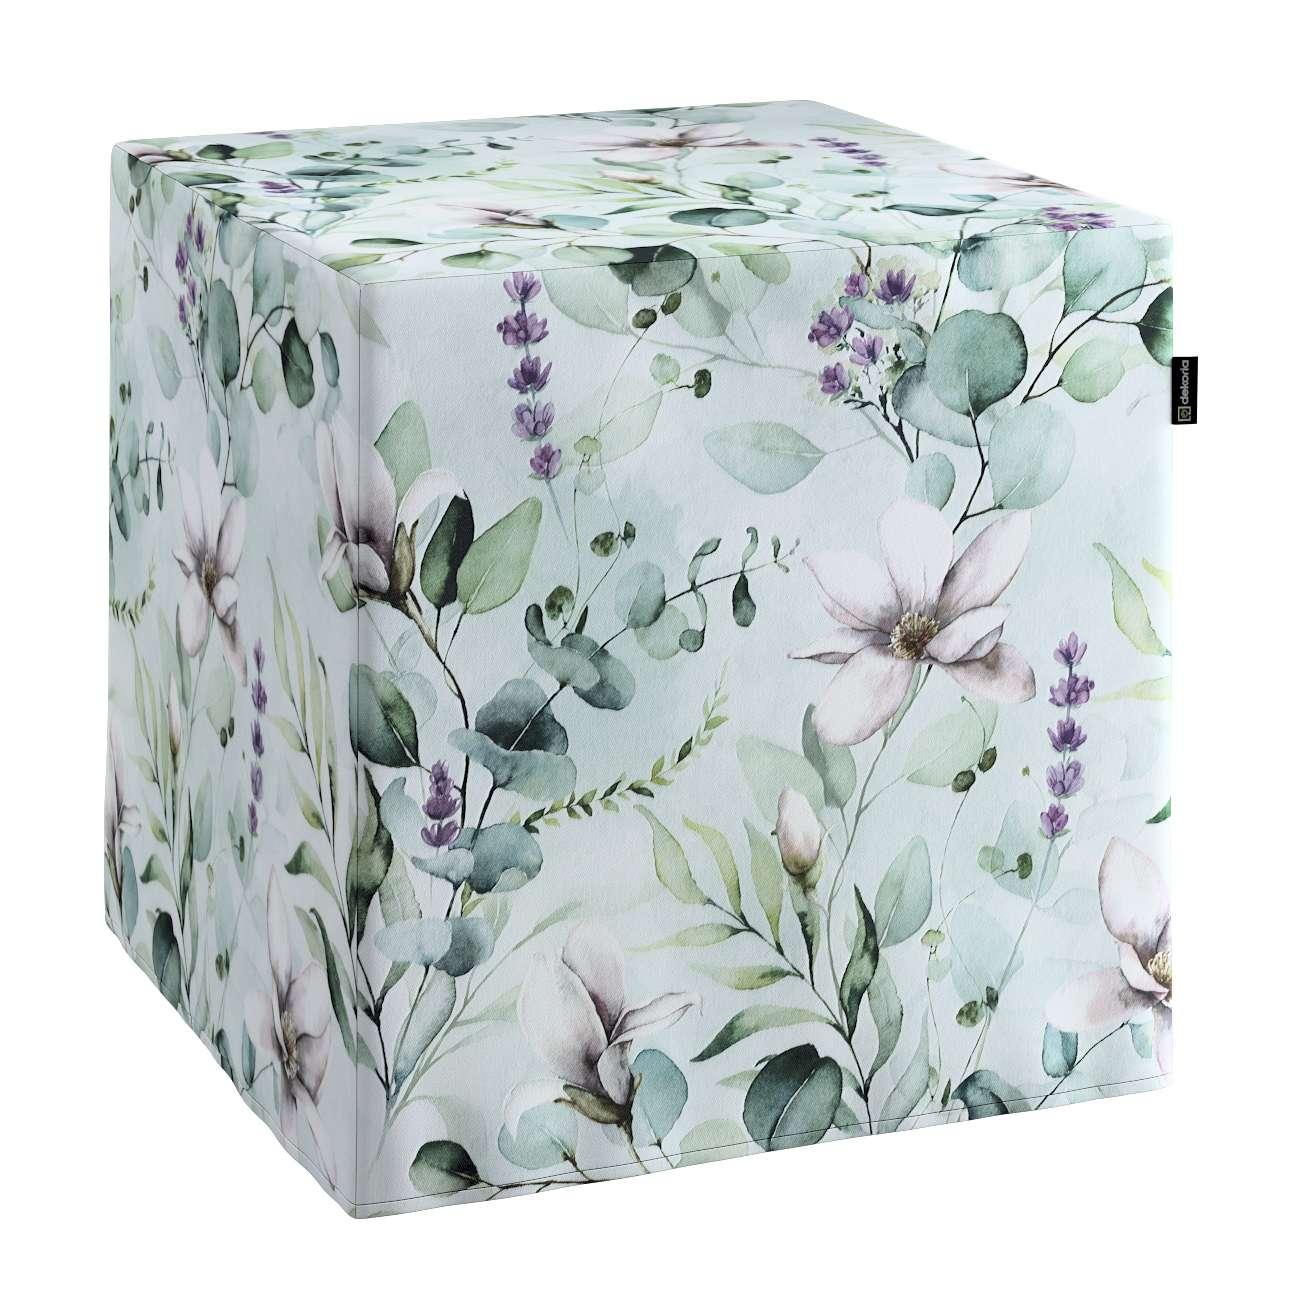 Harde zitkubus van de collectie Flowers, Stof: 143-66